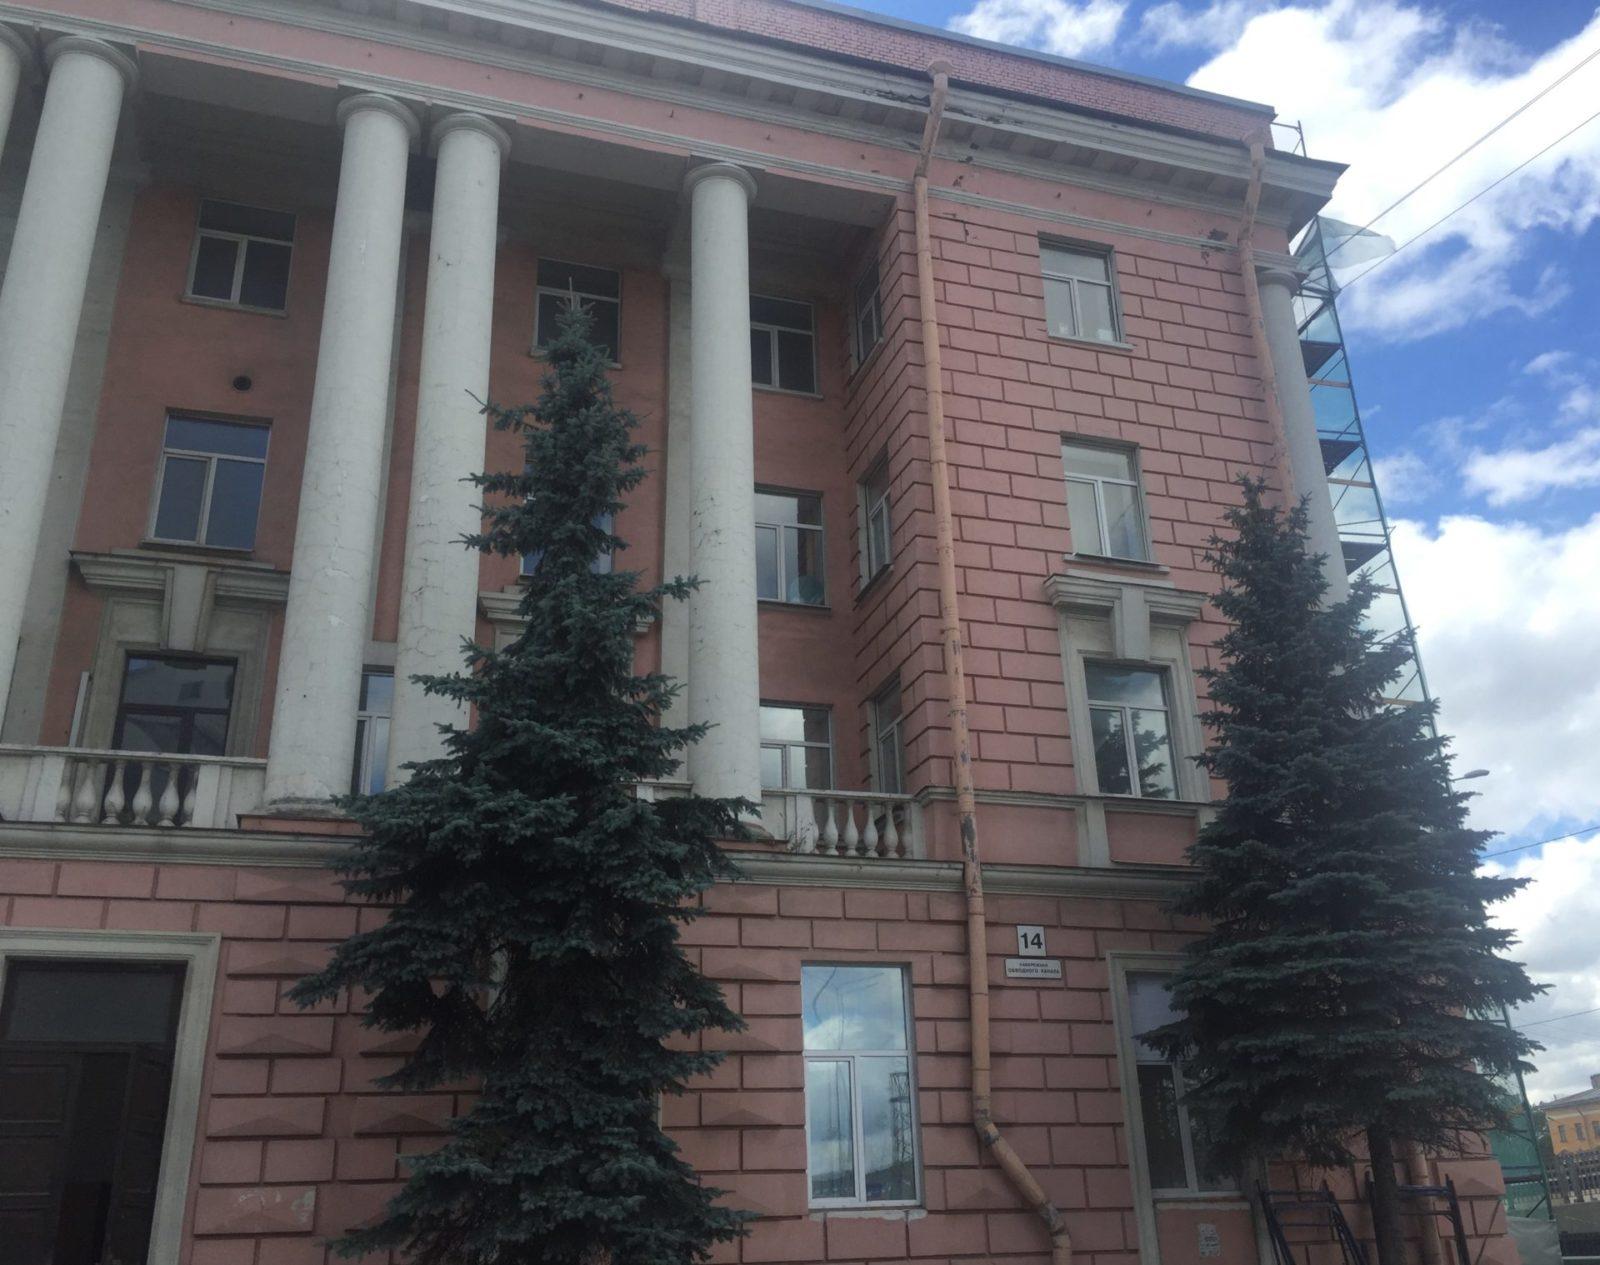 Качественный ремонта фасада здания на ул. Набережная Обводного канала, д.14 в СПб